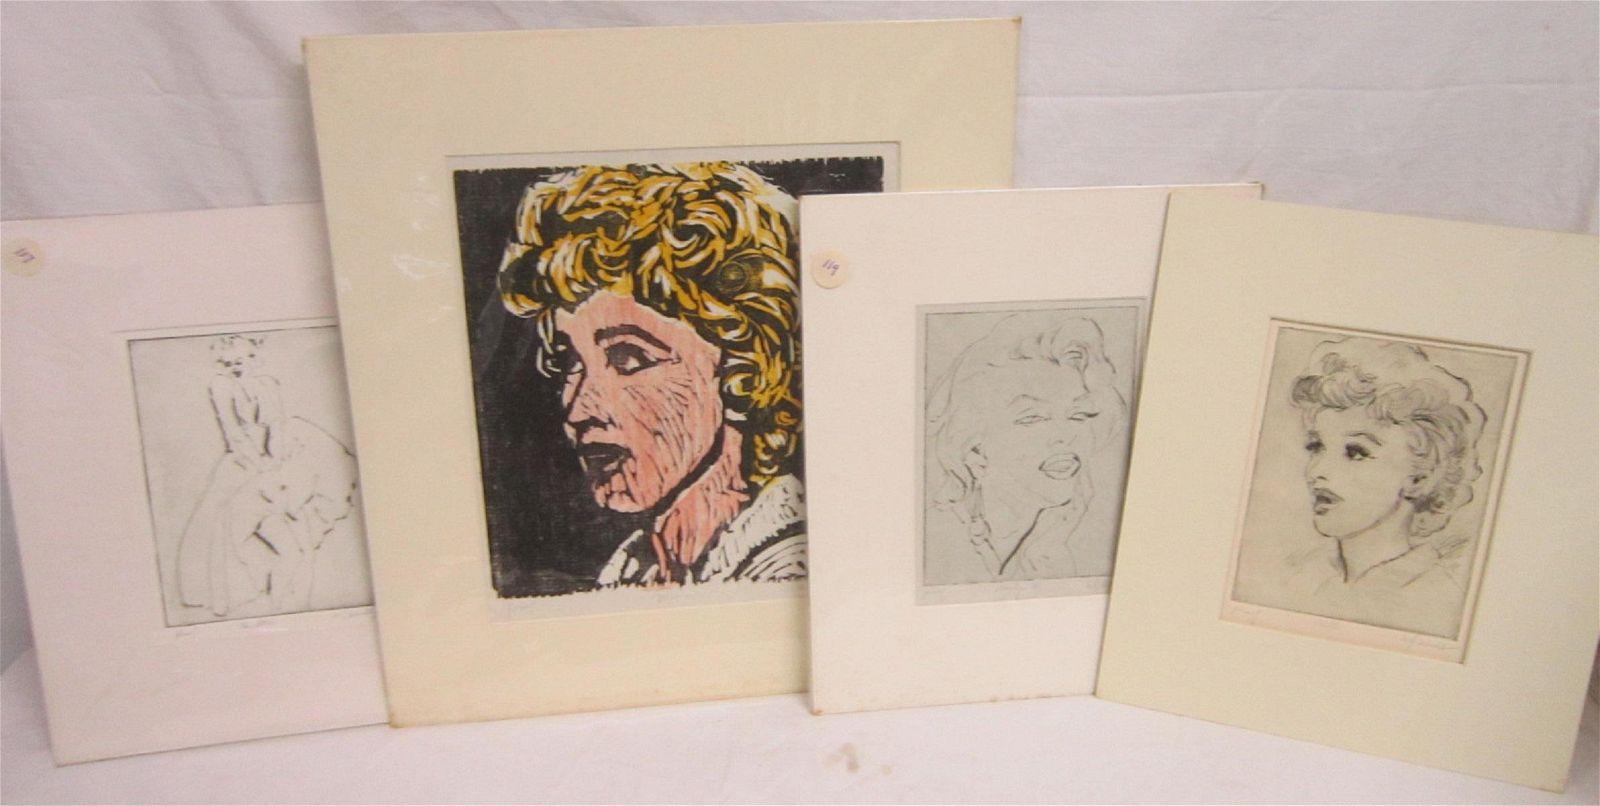 4 William Wendt Marilyn Monroe Prints